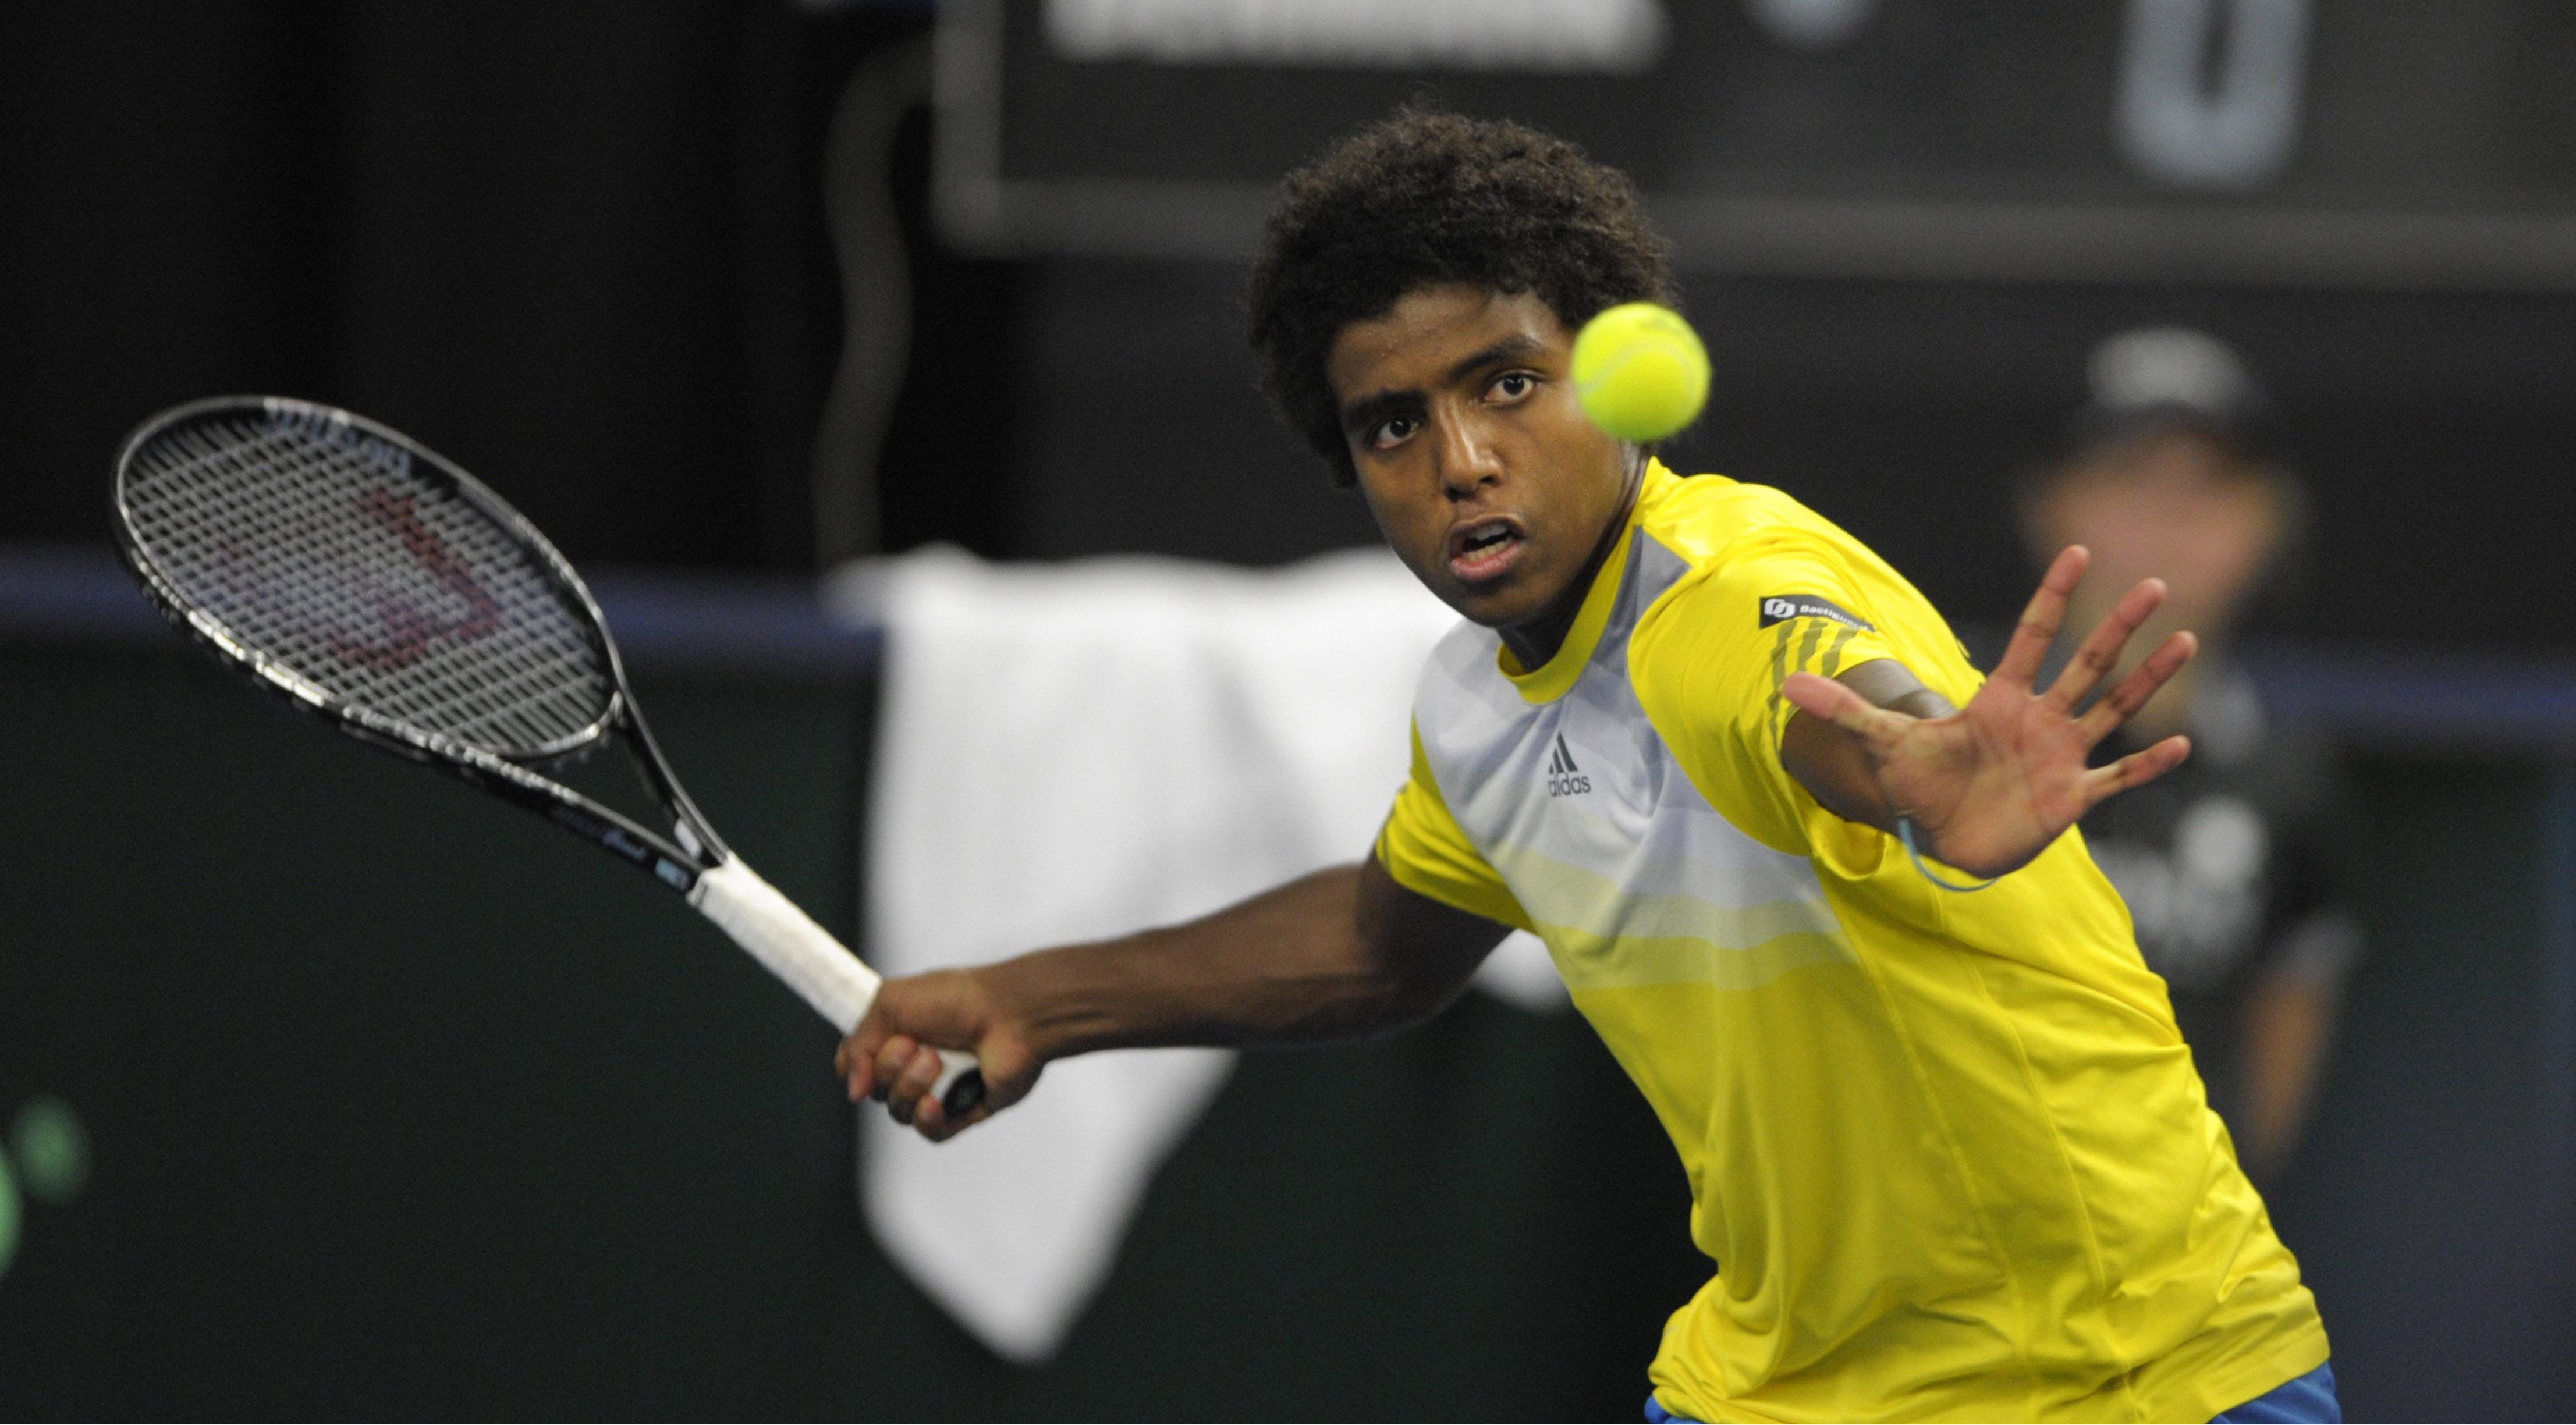 Han ar svensk tennis framtid